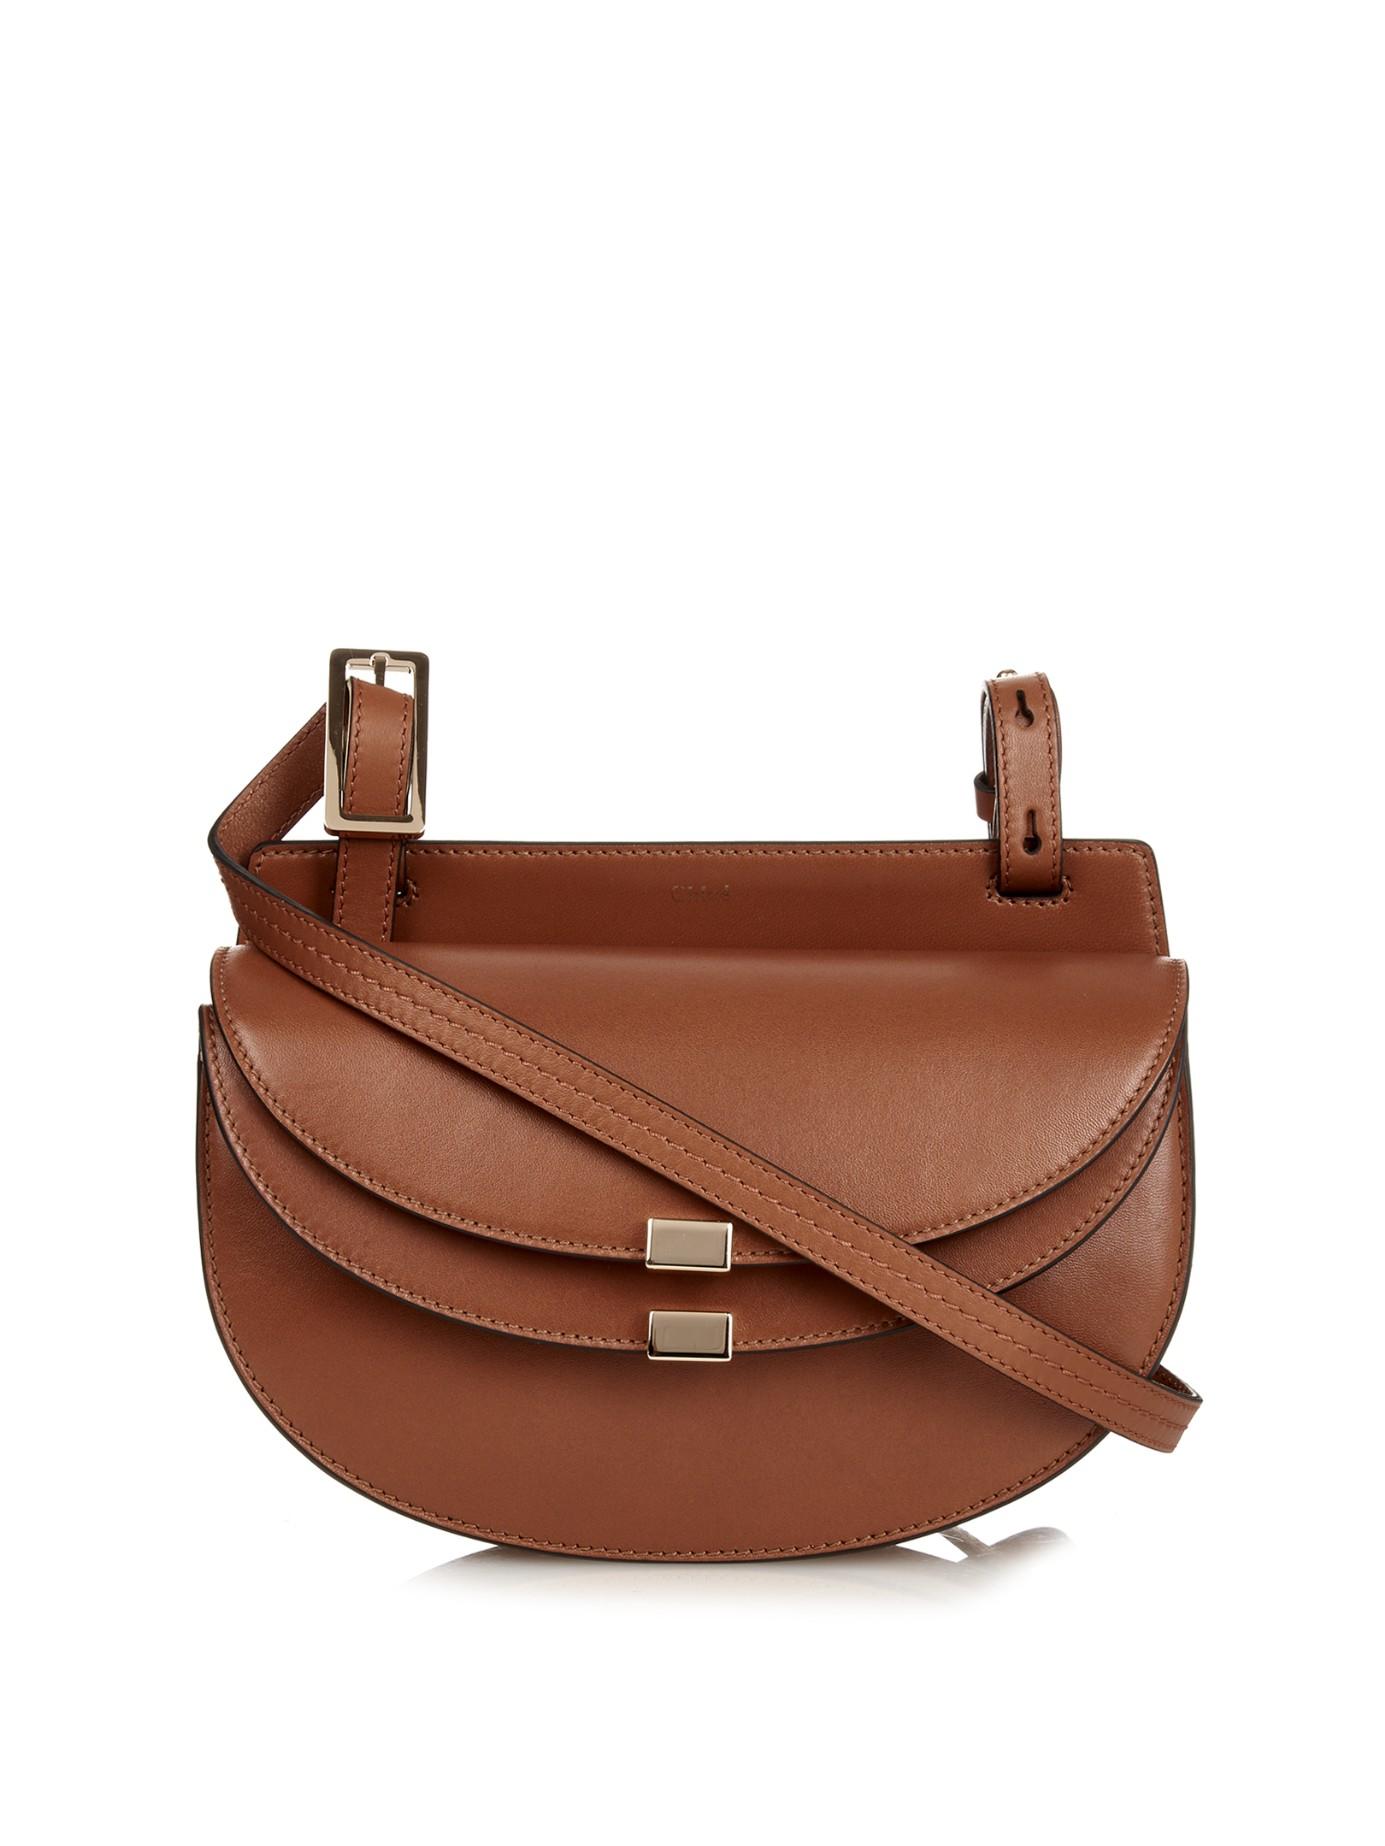 Chlo¨¦ Georgia Leather Cross-Body Bag in Brown (TAN) | Lyst